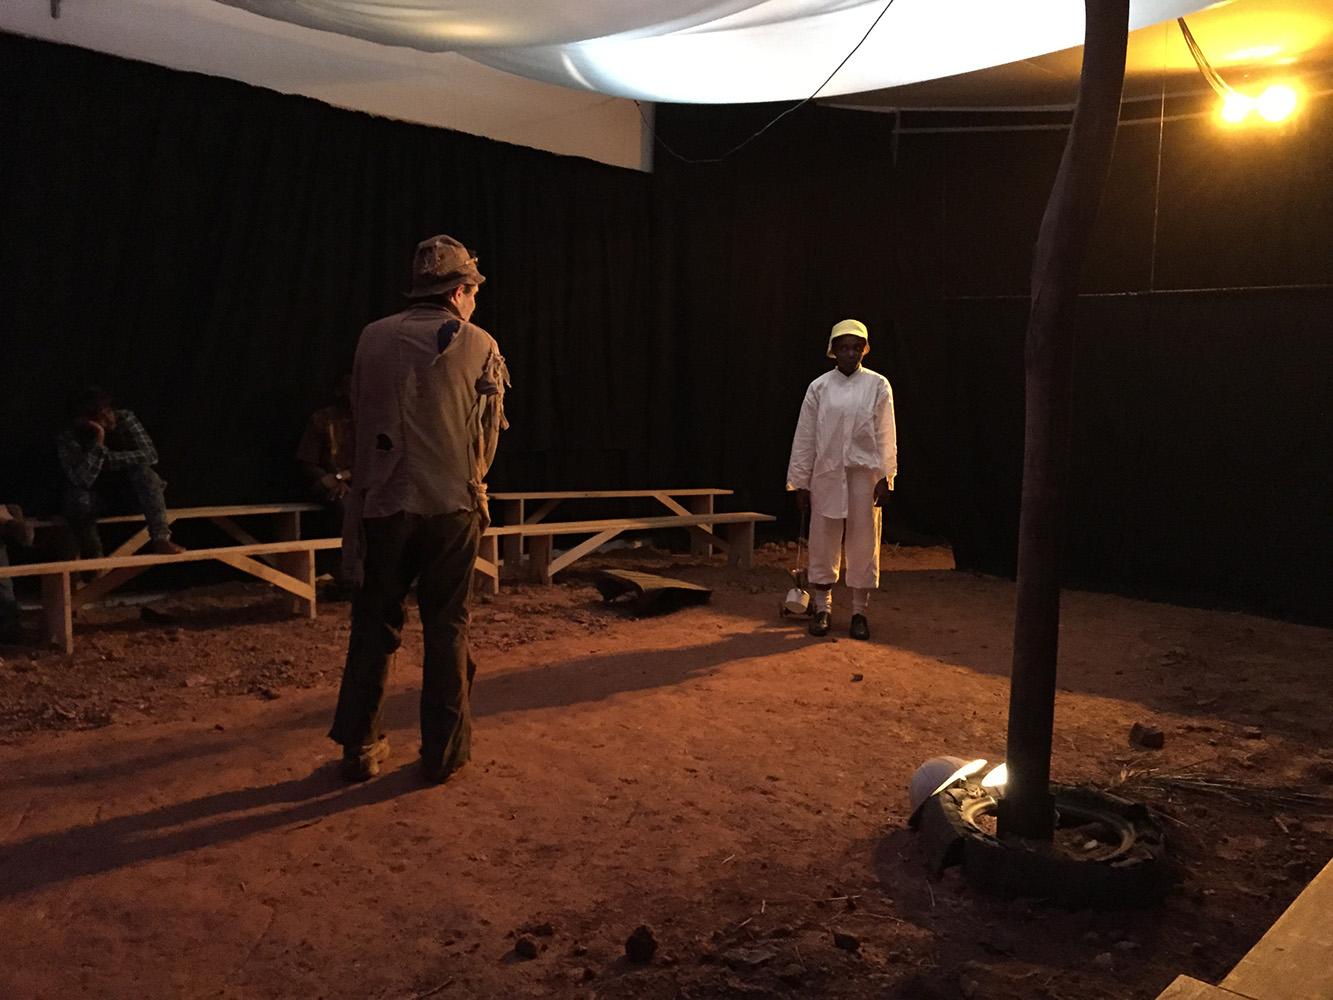 """29 juillet et 1e août 2015 - Répétitions et première de """"En attendant Godot"""" de Samuel Beckett mis en scène de Martin Ambara au théâtre OTHNI - Yapundé, Sénégal."""